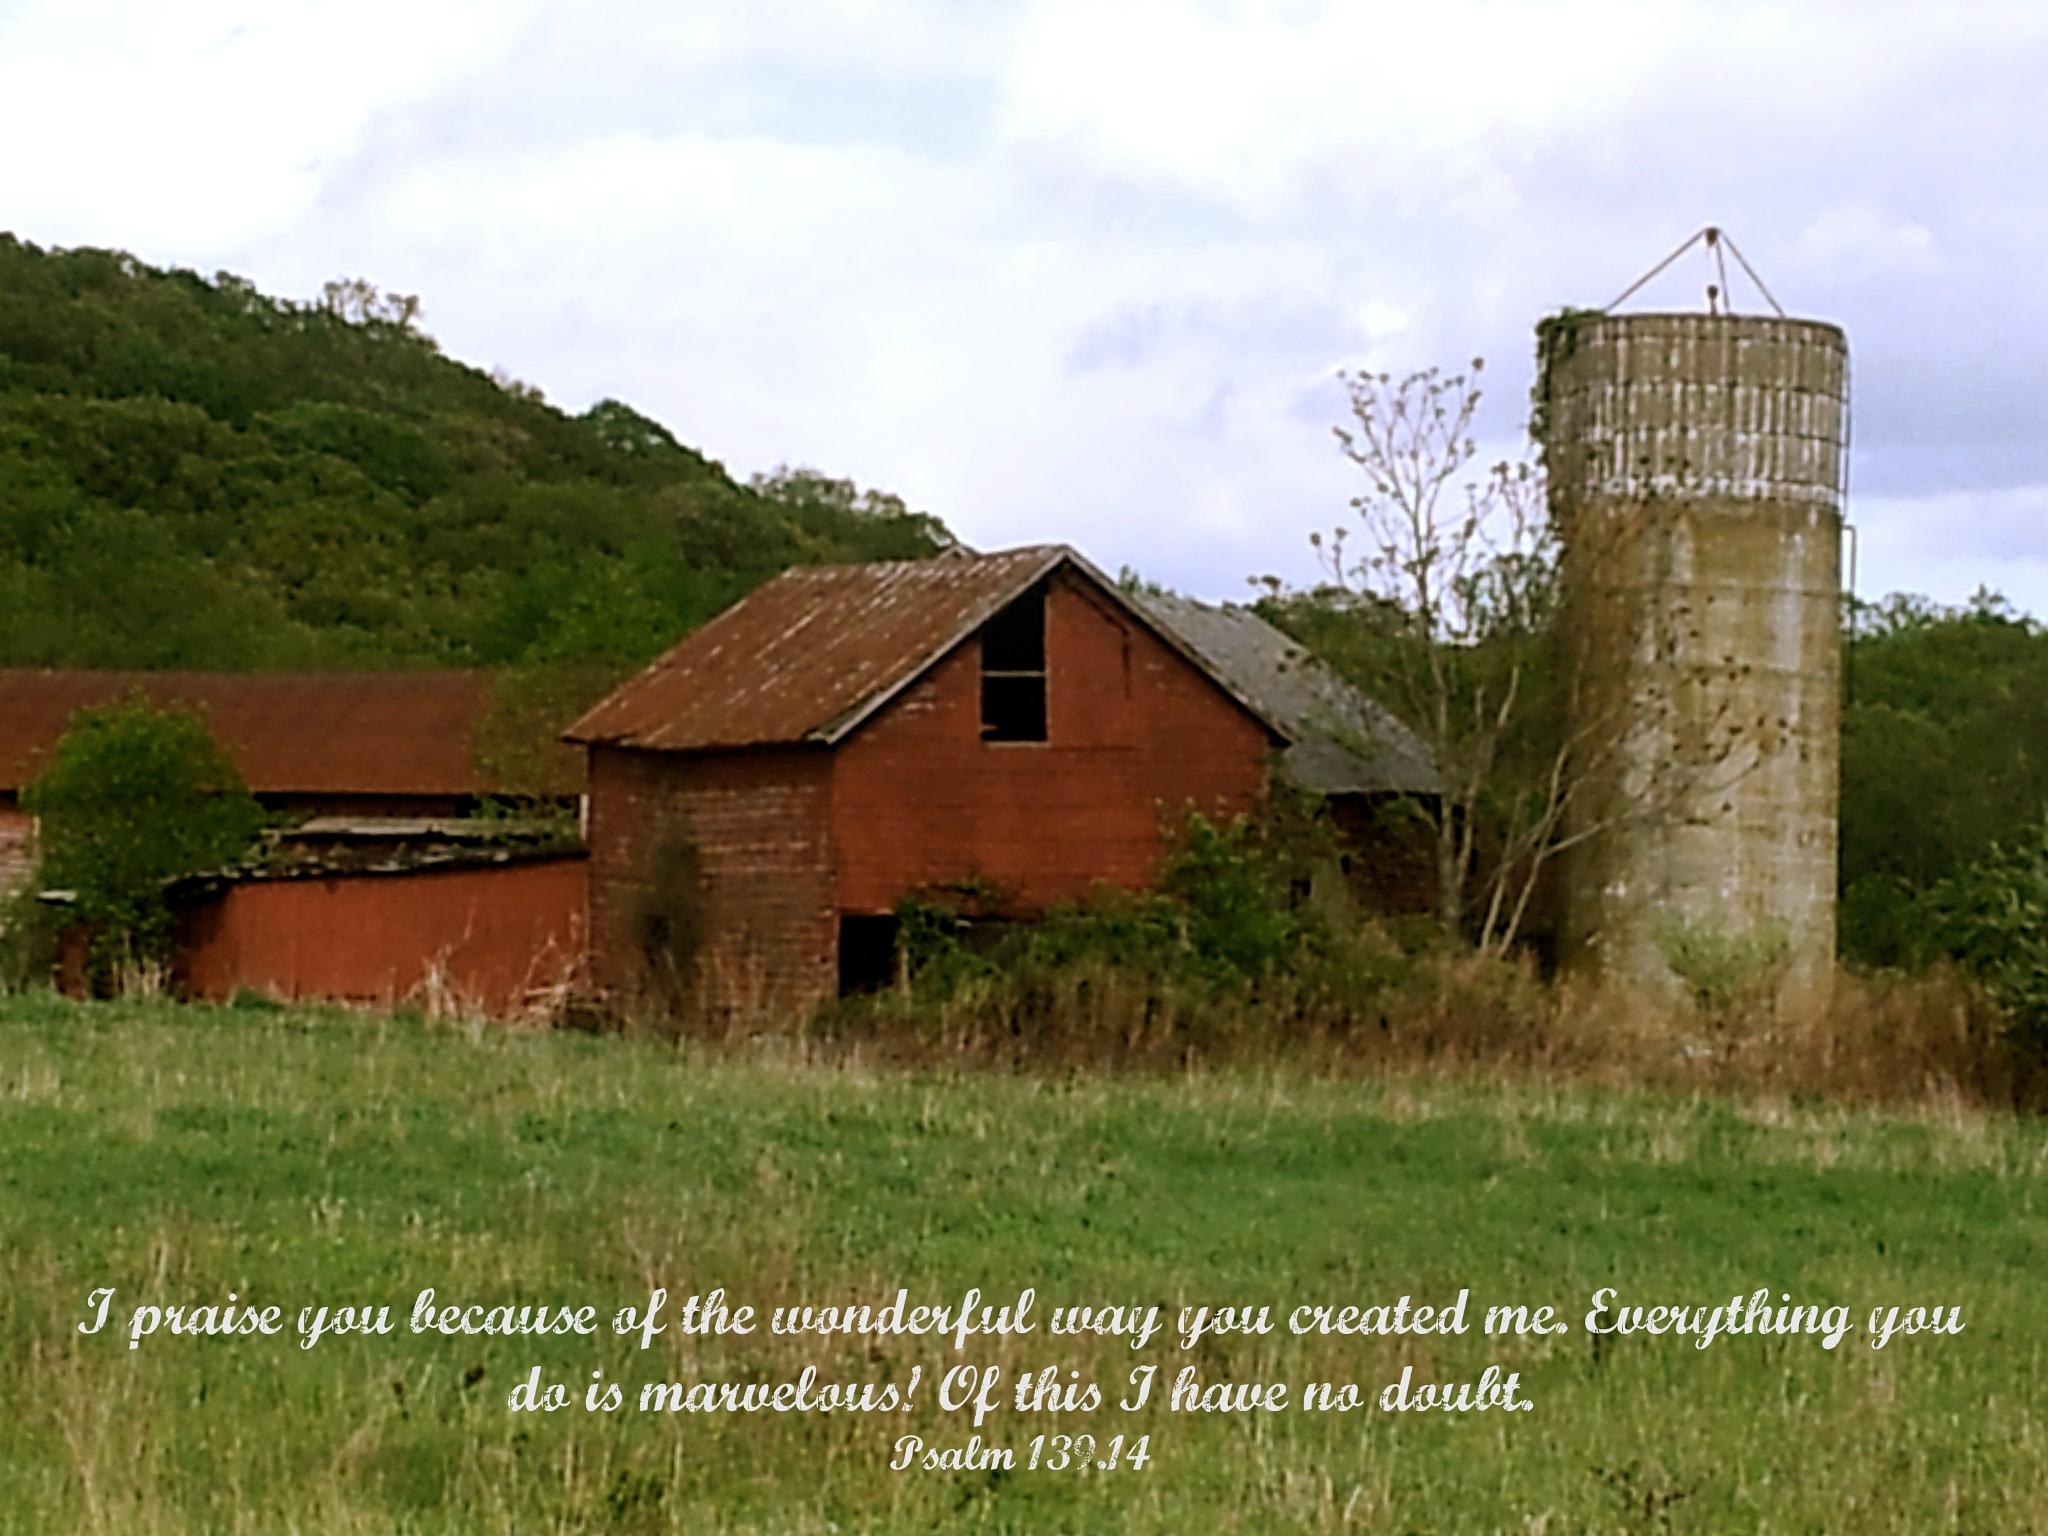 Psalm 139:14 by photoroe